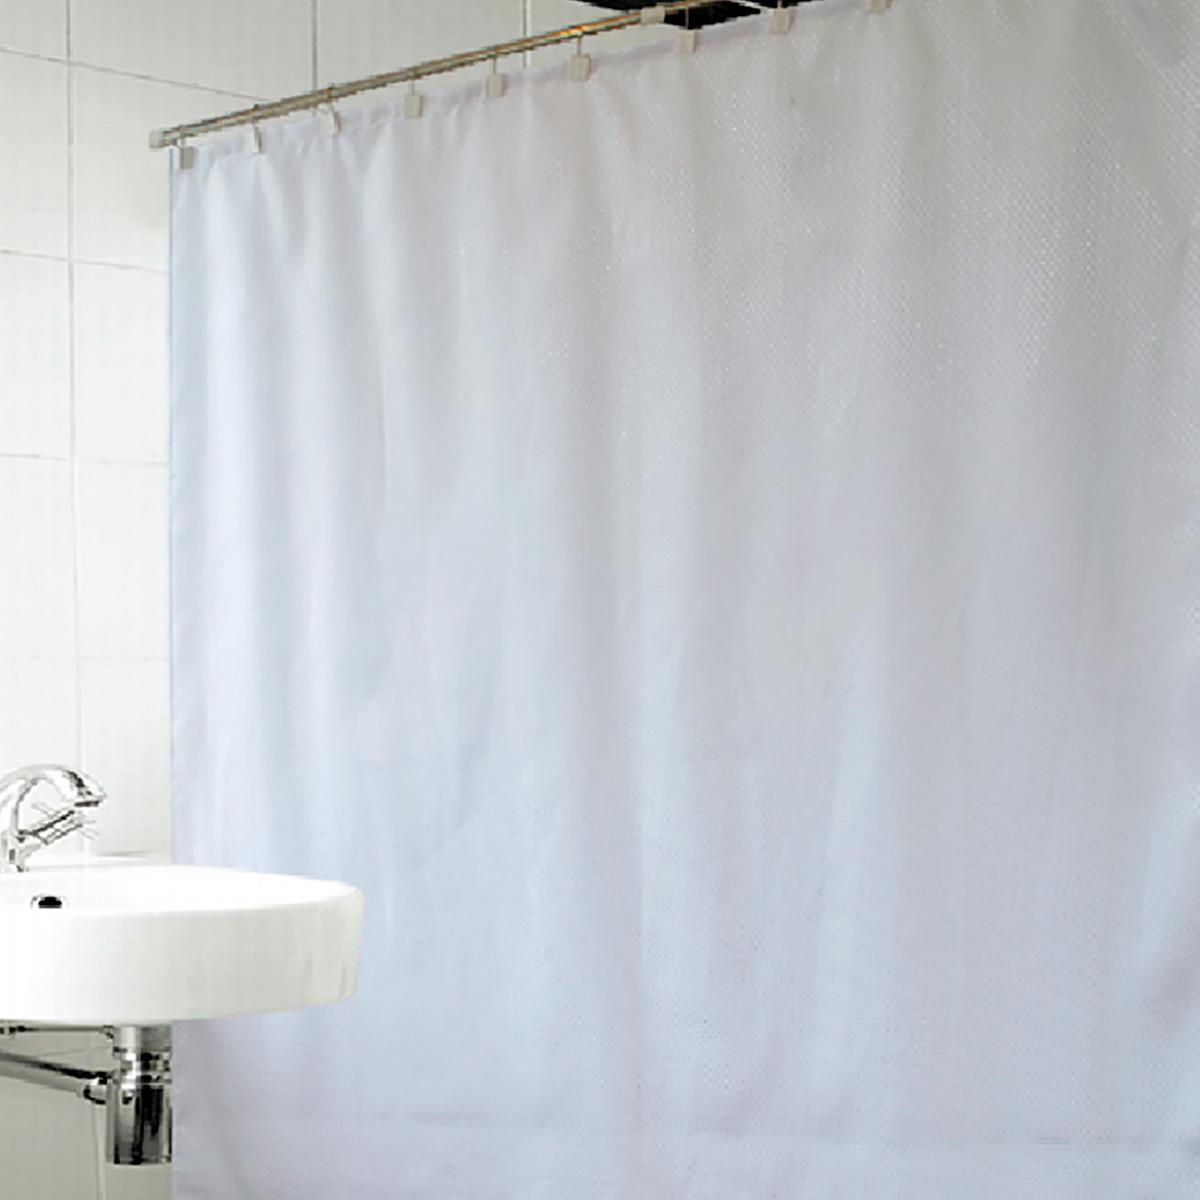 Купить Шторы и карнизы Arya, Шторы для ванной Celeste Цвет: Белый, Турция, Полиэстер